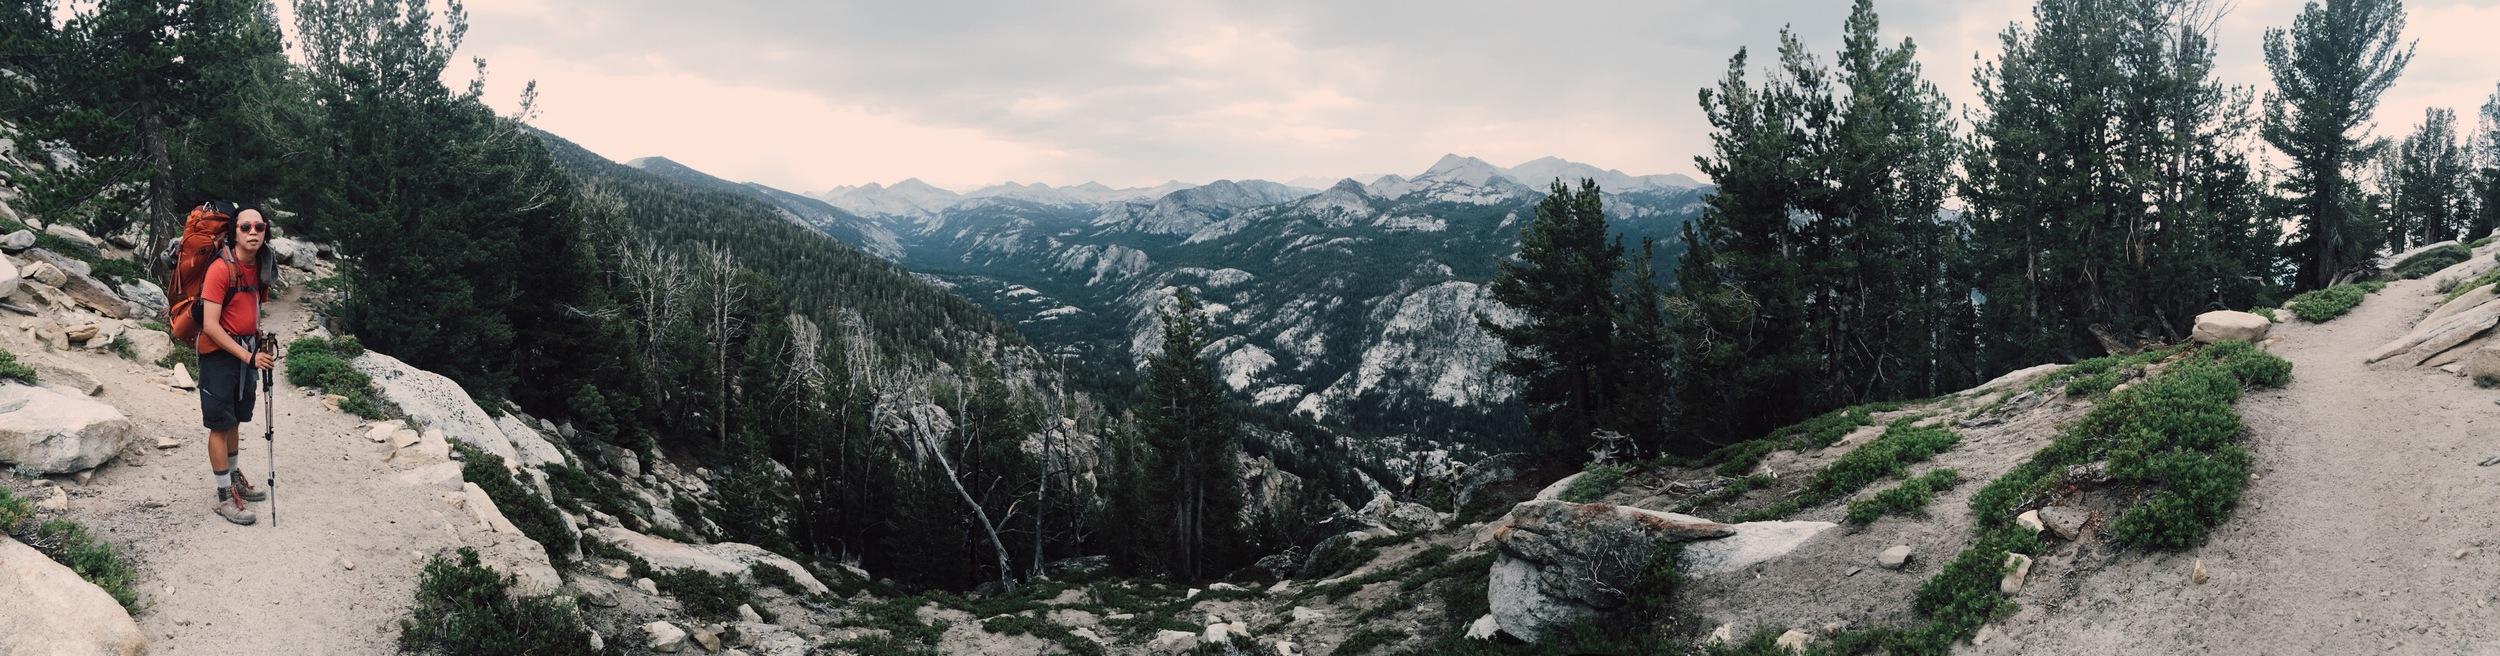 Overlooking Cascade Valley, John Muir Wilderness